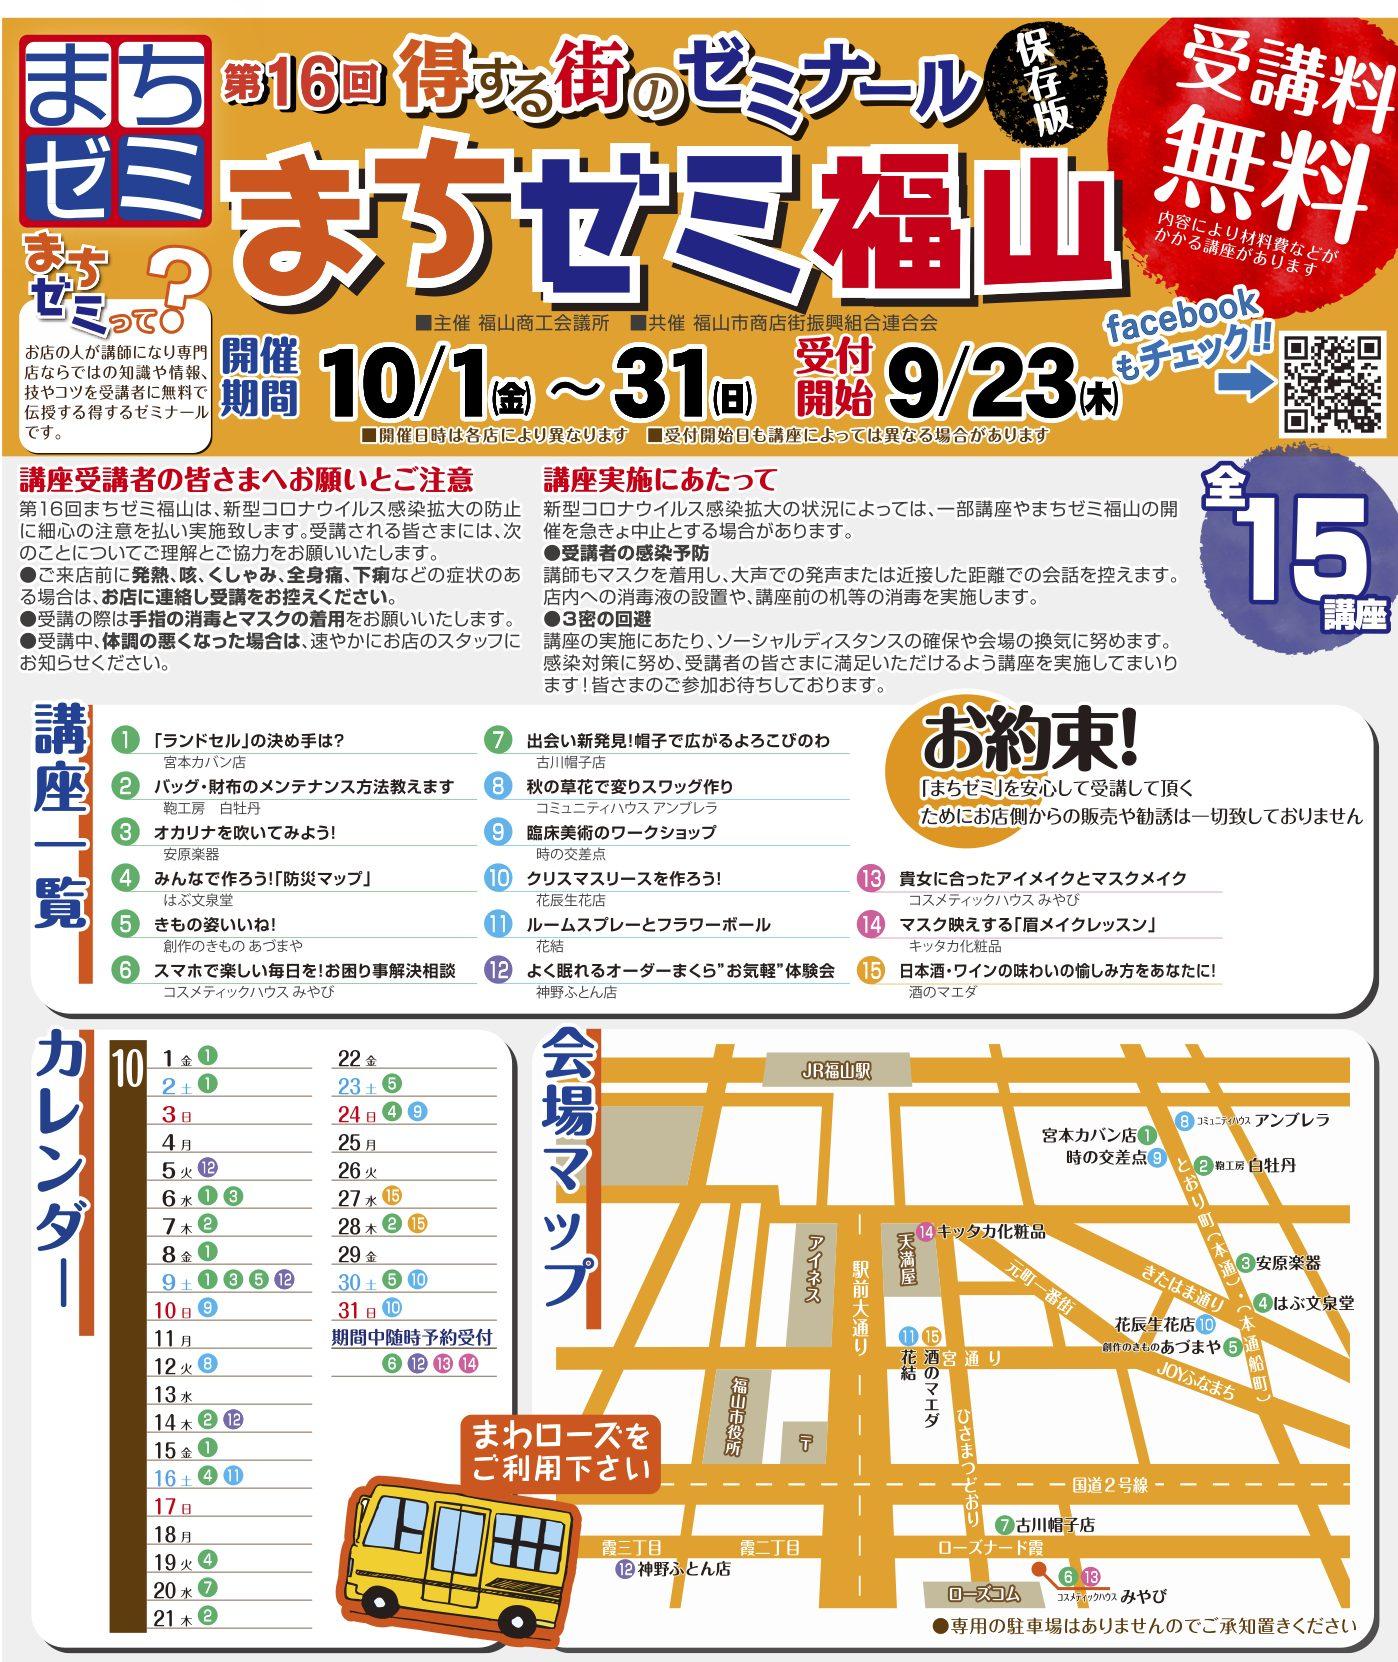 福山駅周辺商店街まちなかゼミナール     「第14回まちゼミ福山」開催中